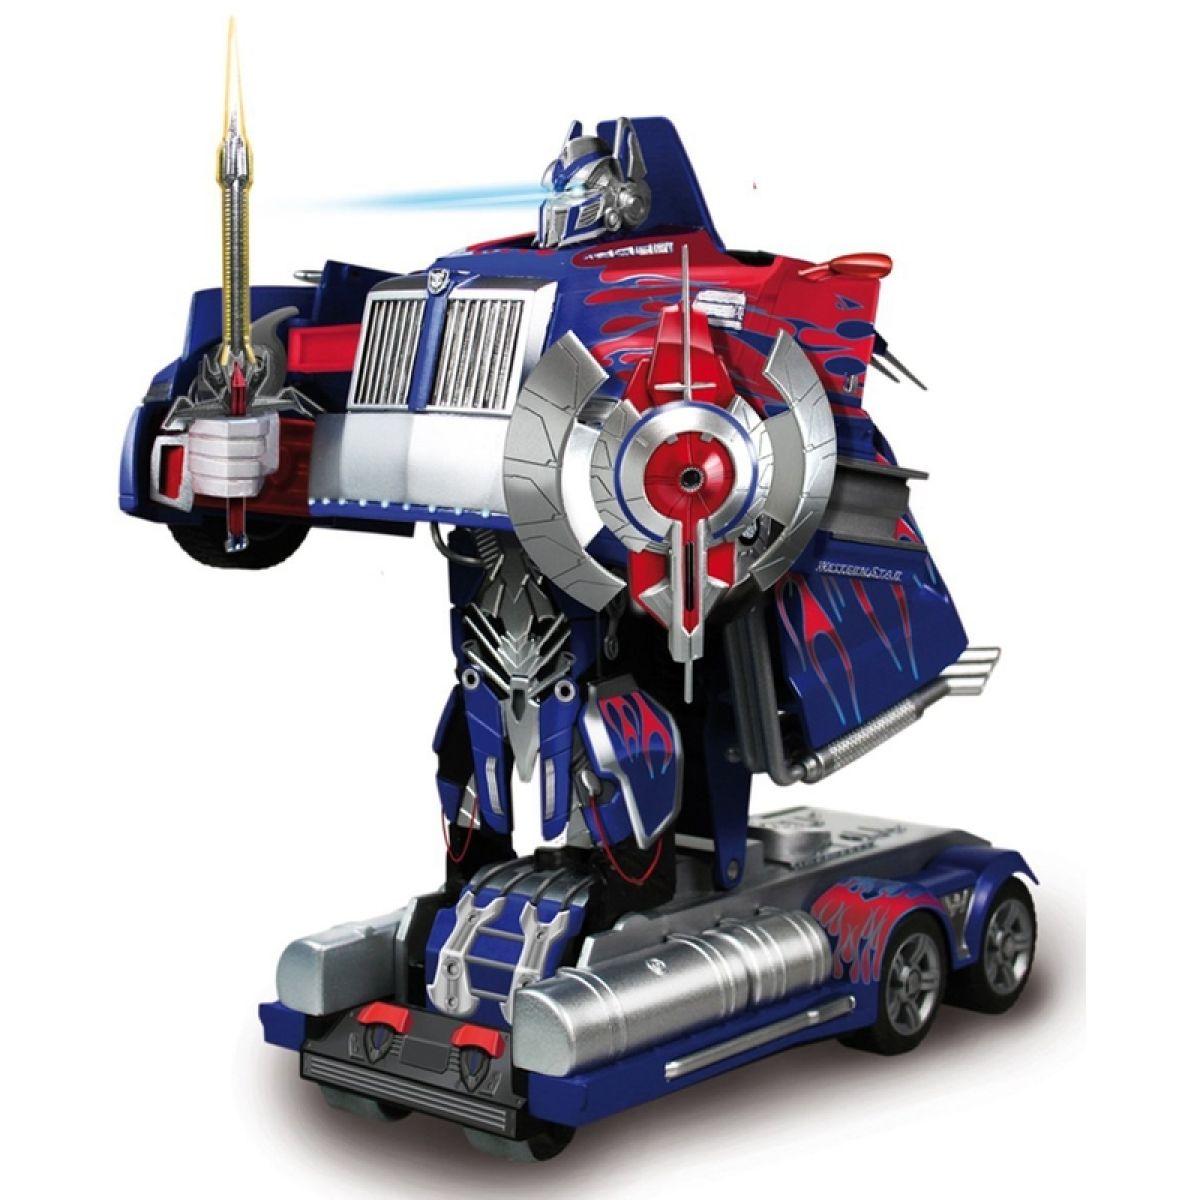 Nikko RC Autobot Optimus Prime